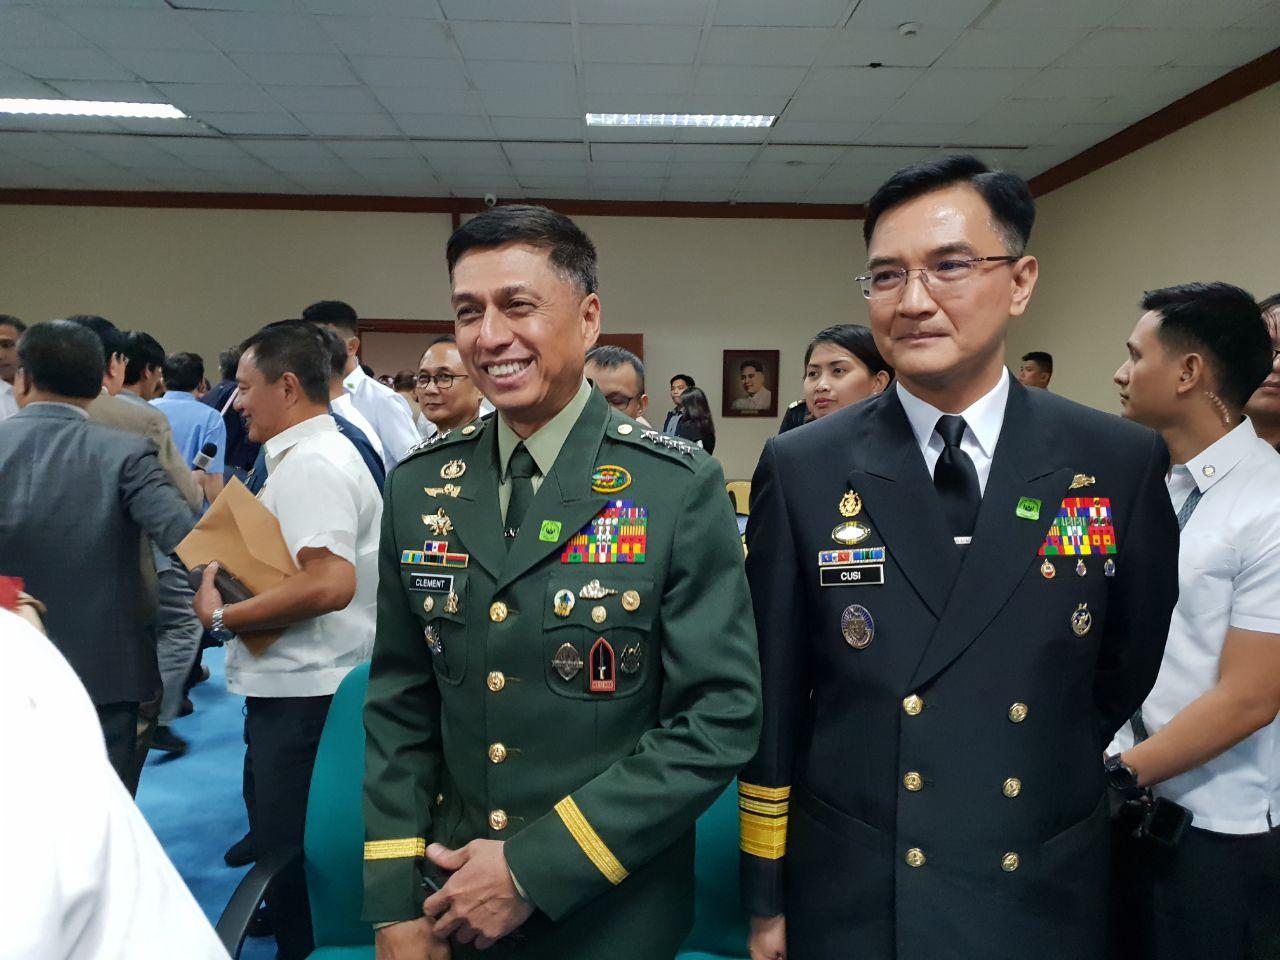 afp chief of staff 2020